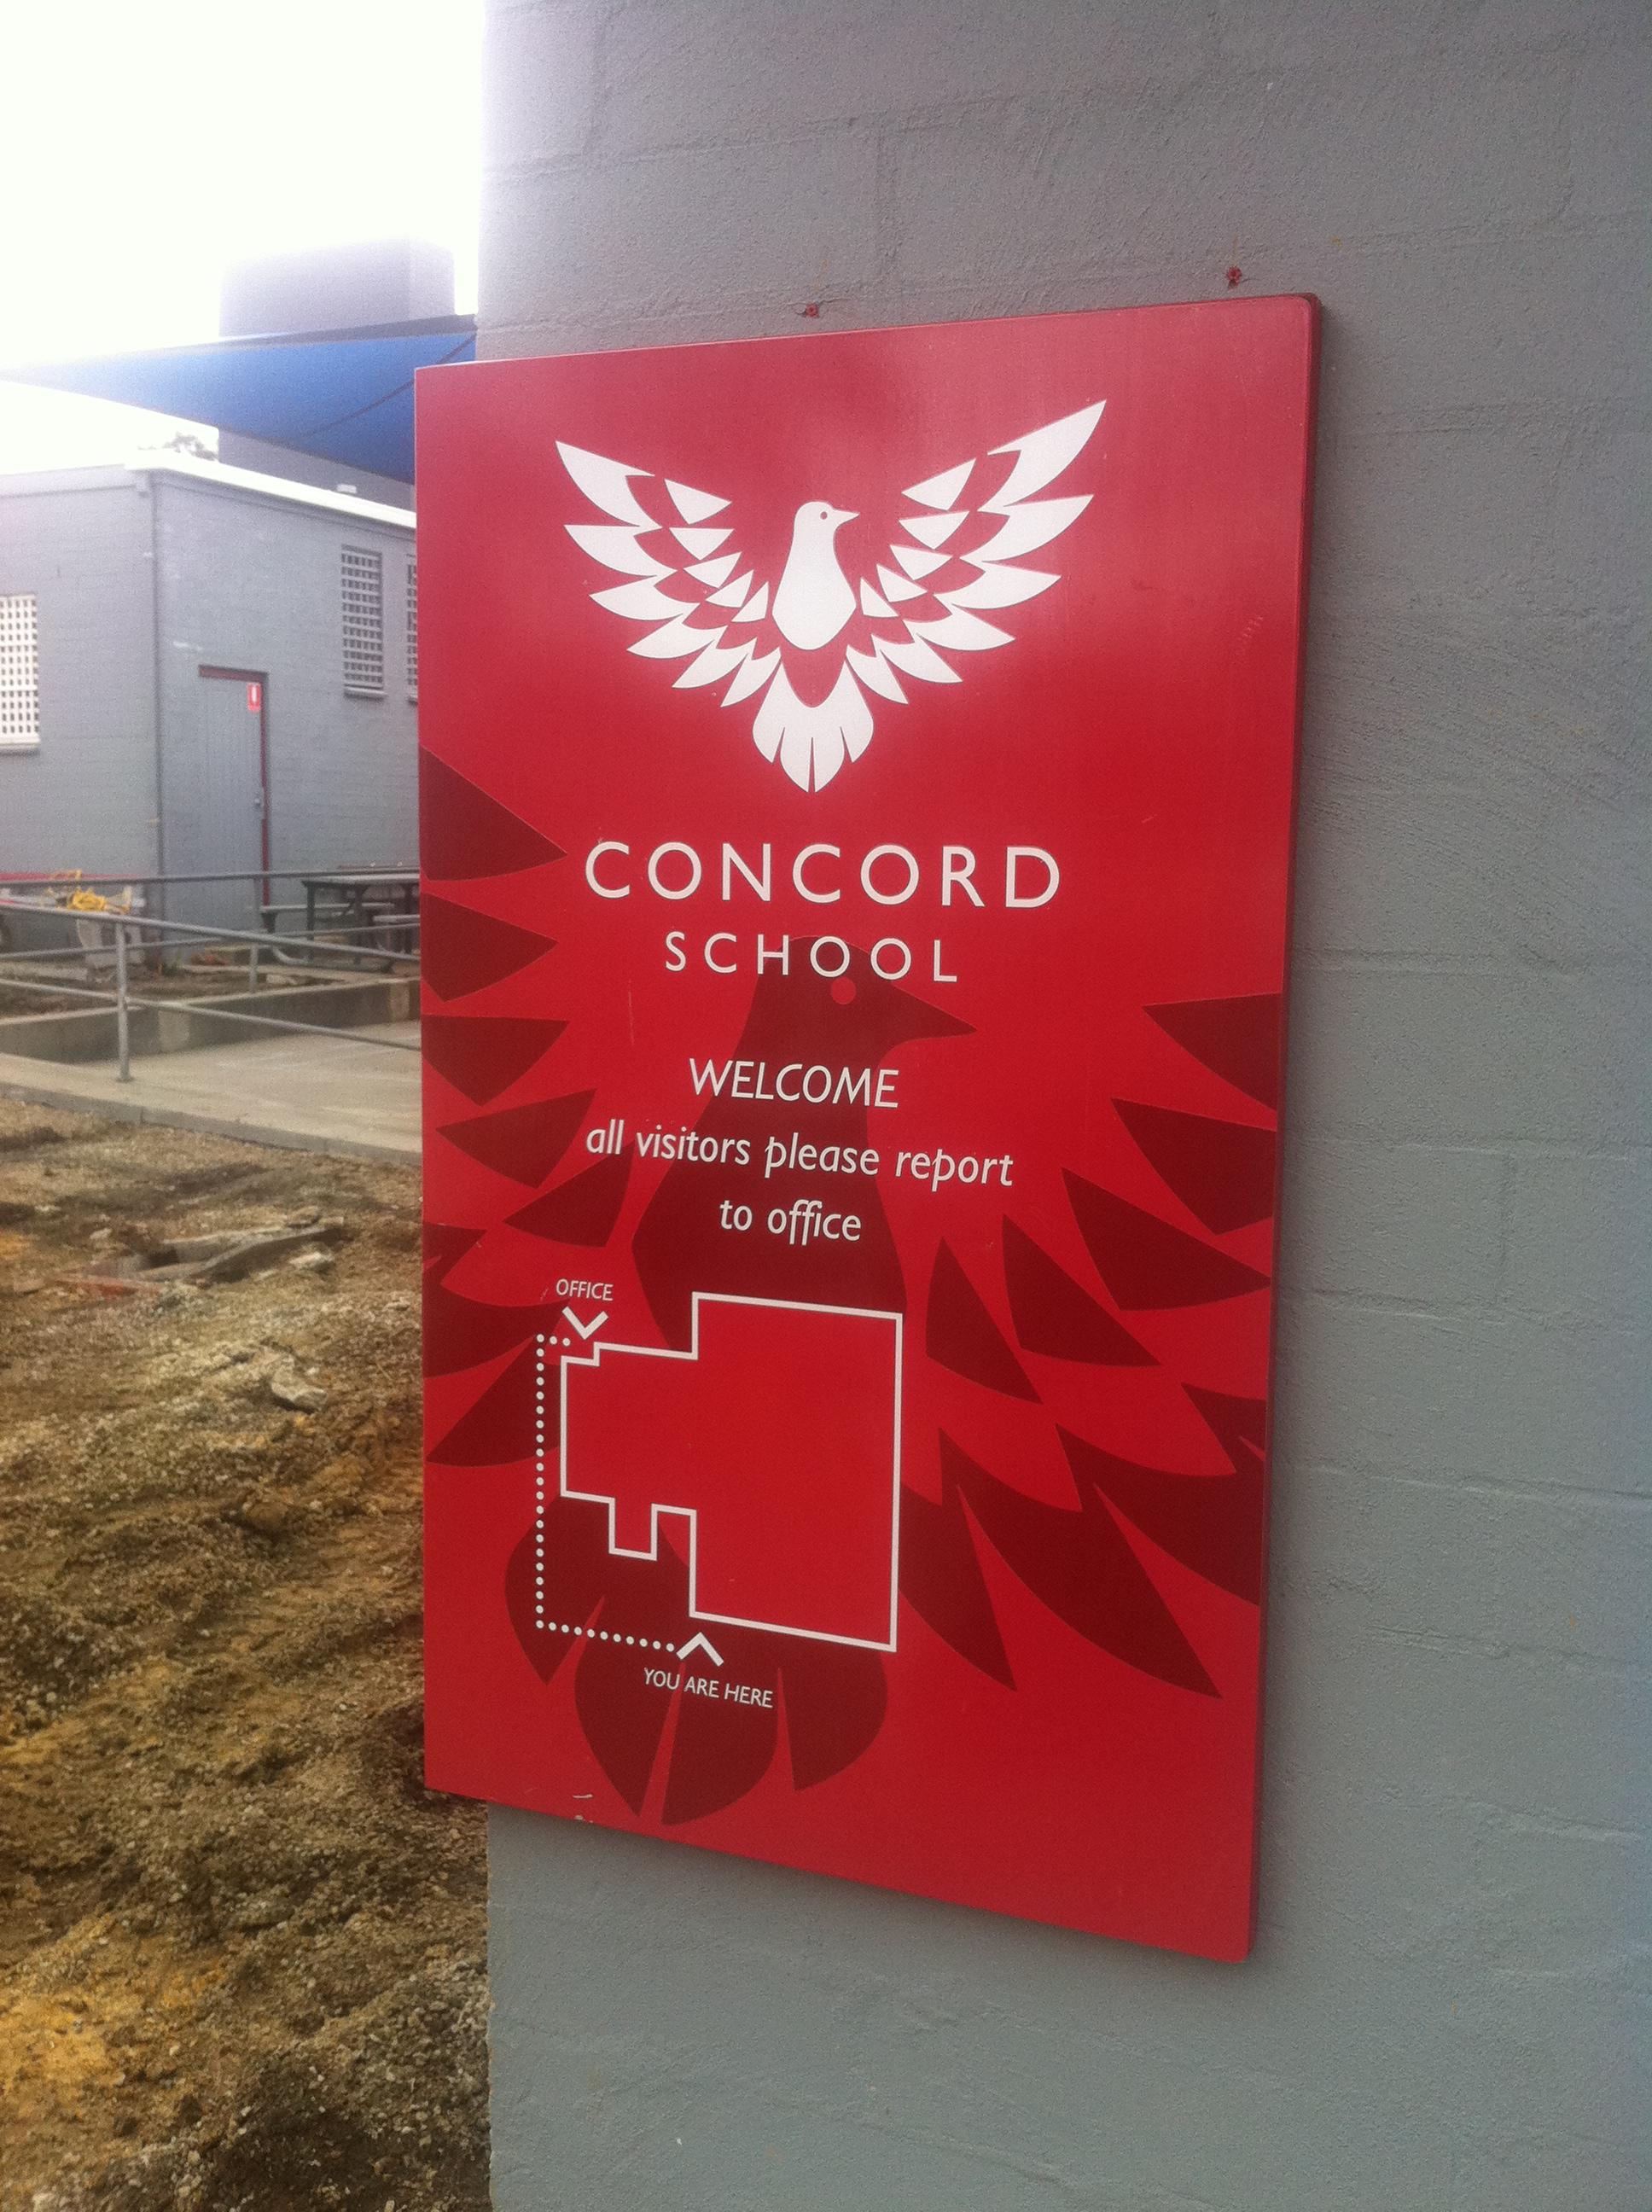 Concord School